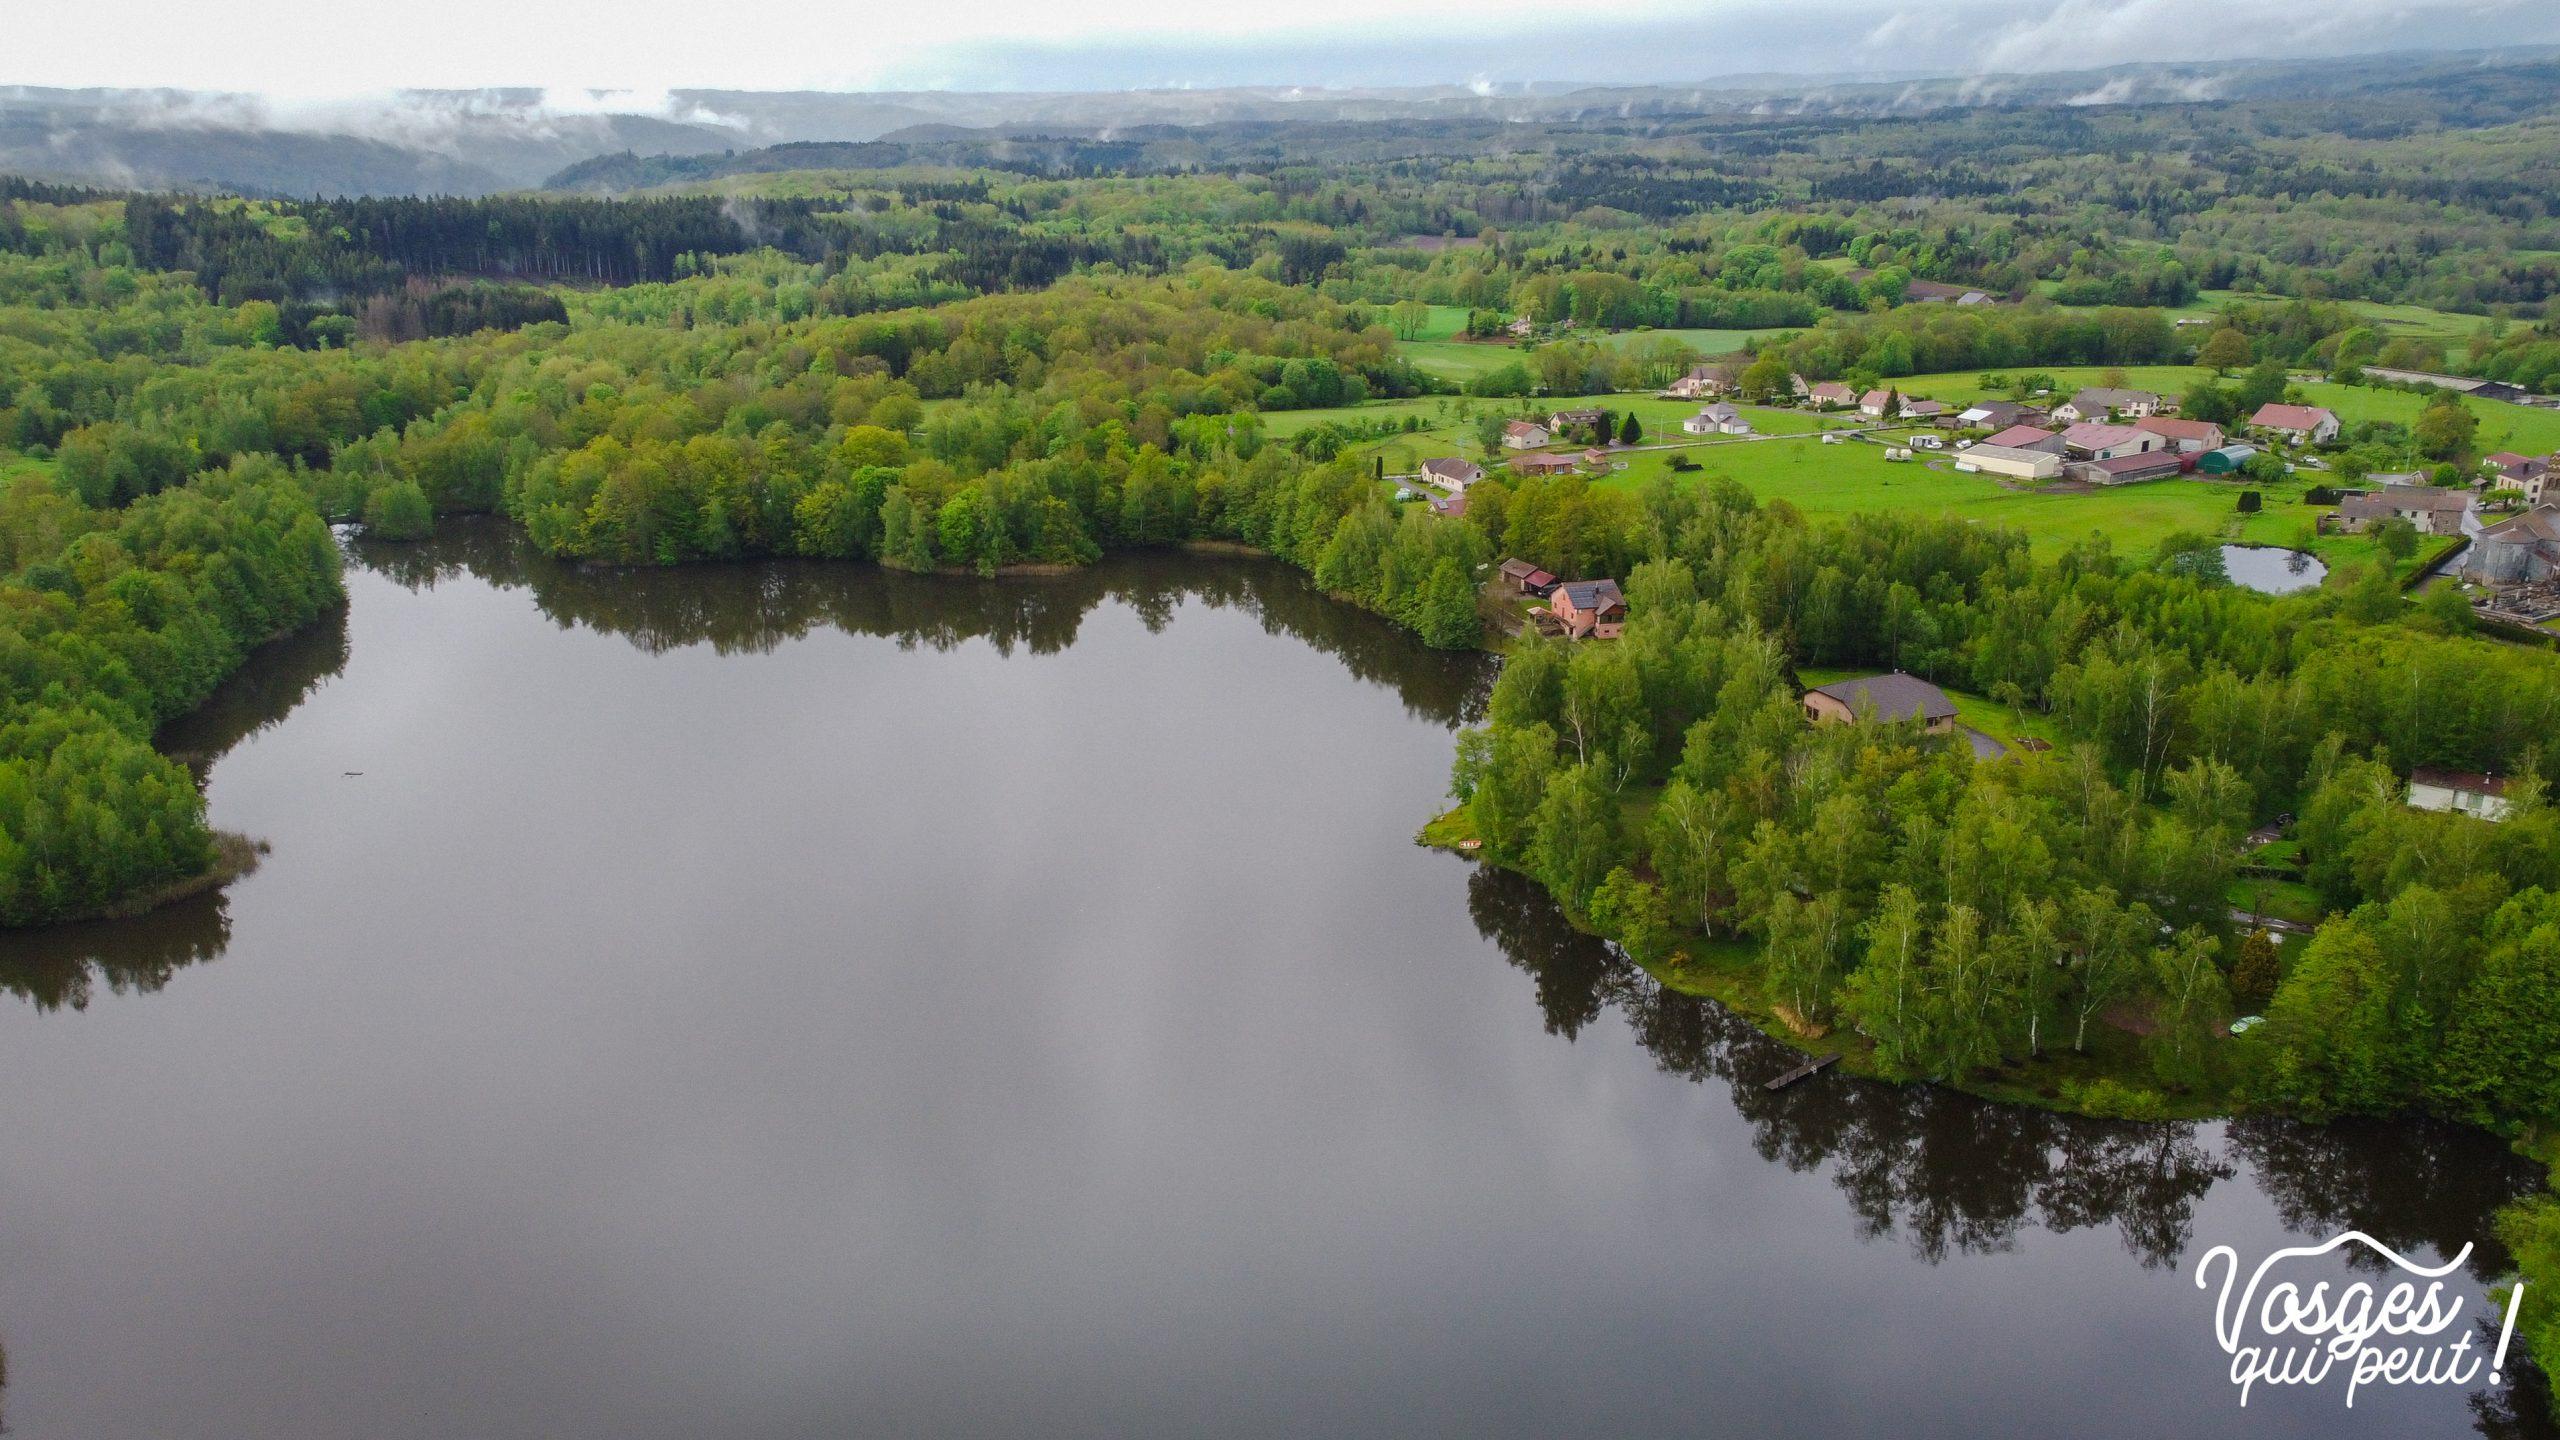 Vue aérienne du village d'Écromagny au plateau des Mille Étangs avec l'étang Pellevin